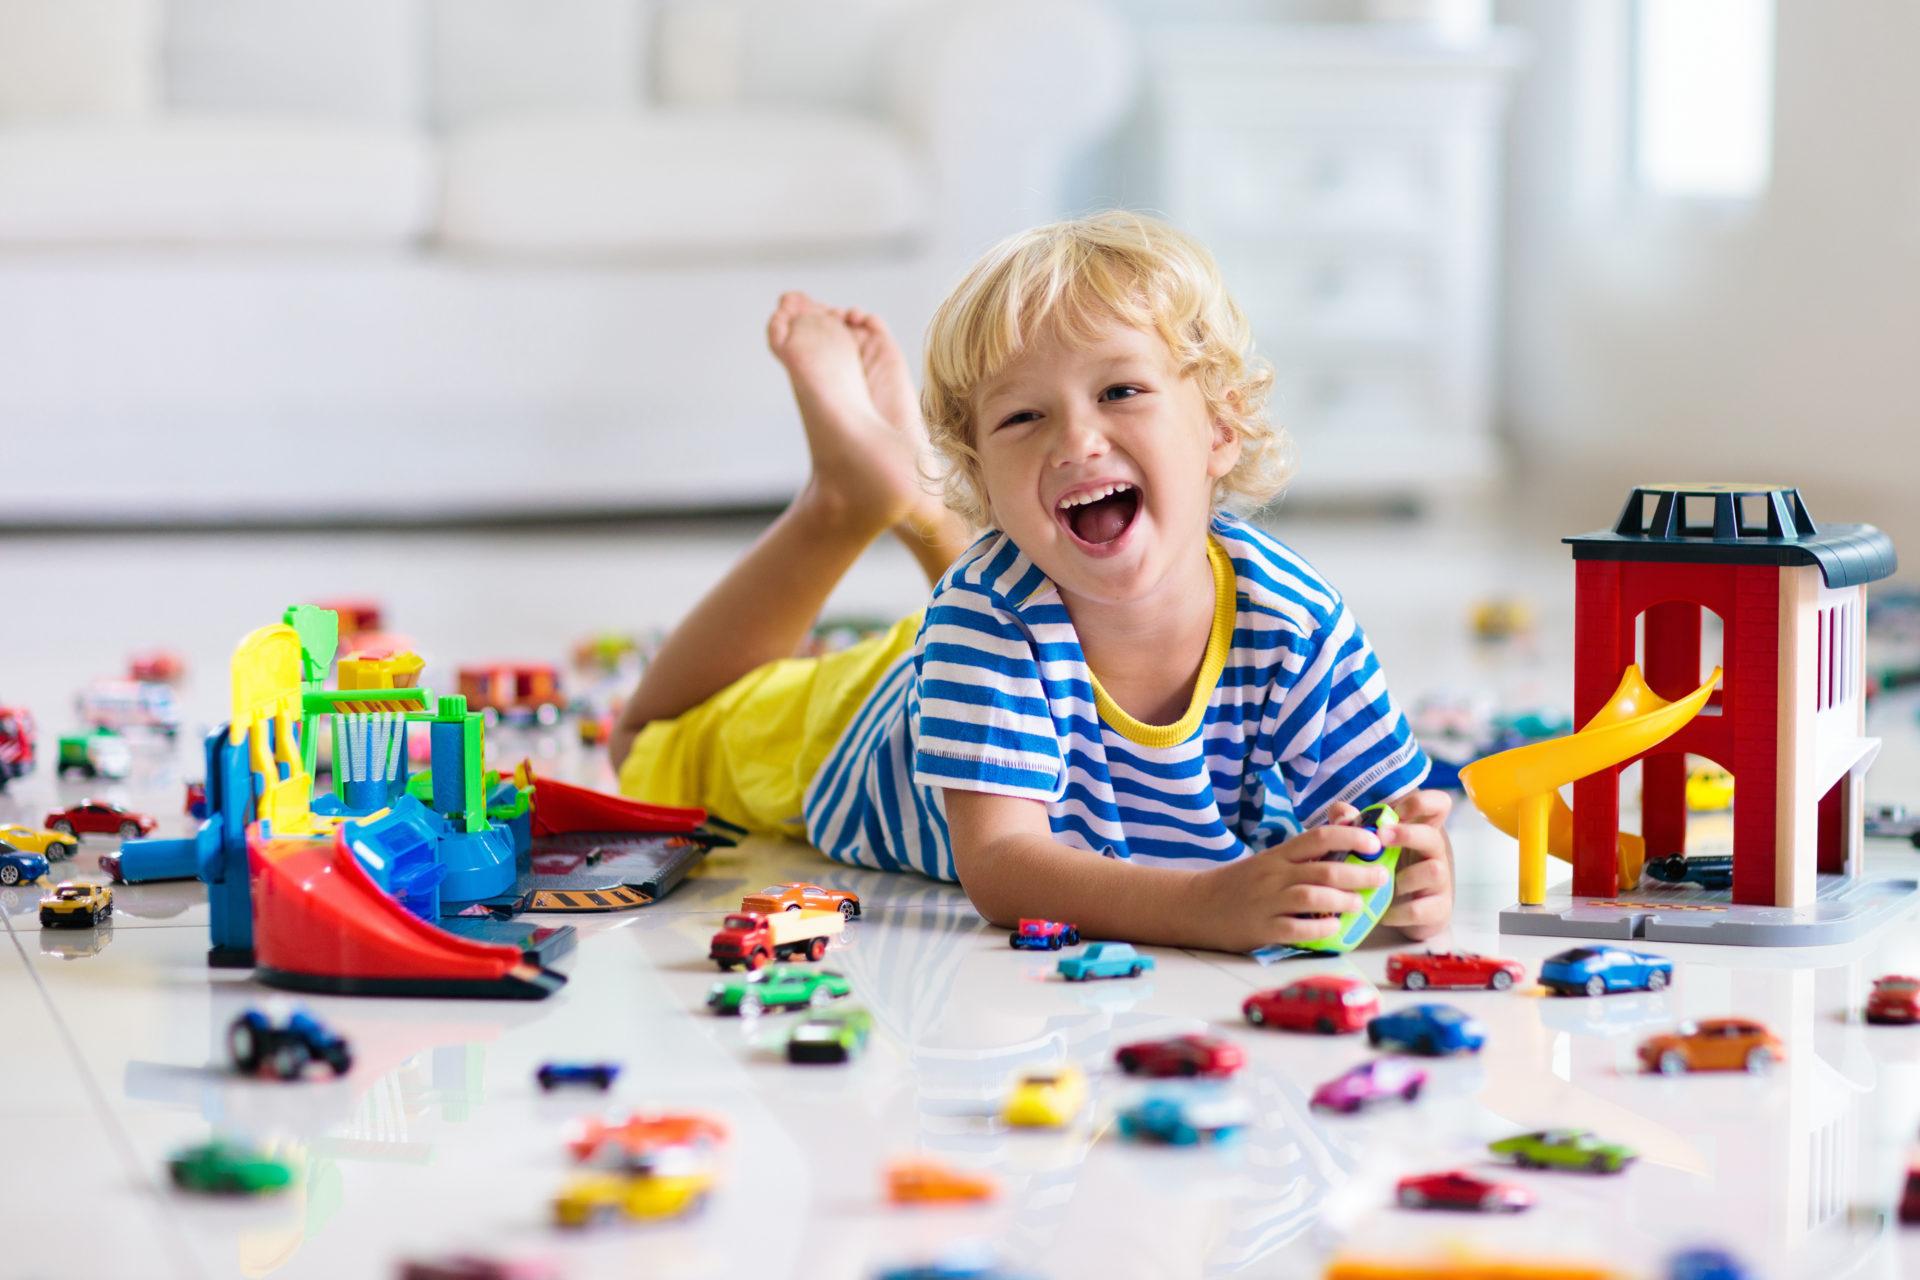 Jeu Eveil Enfant, Jouet Eveil Enfant, Cadeau D'eveil Pour dedans Jeux Pour Garcon 3 Ans